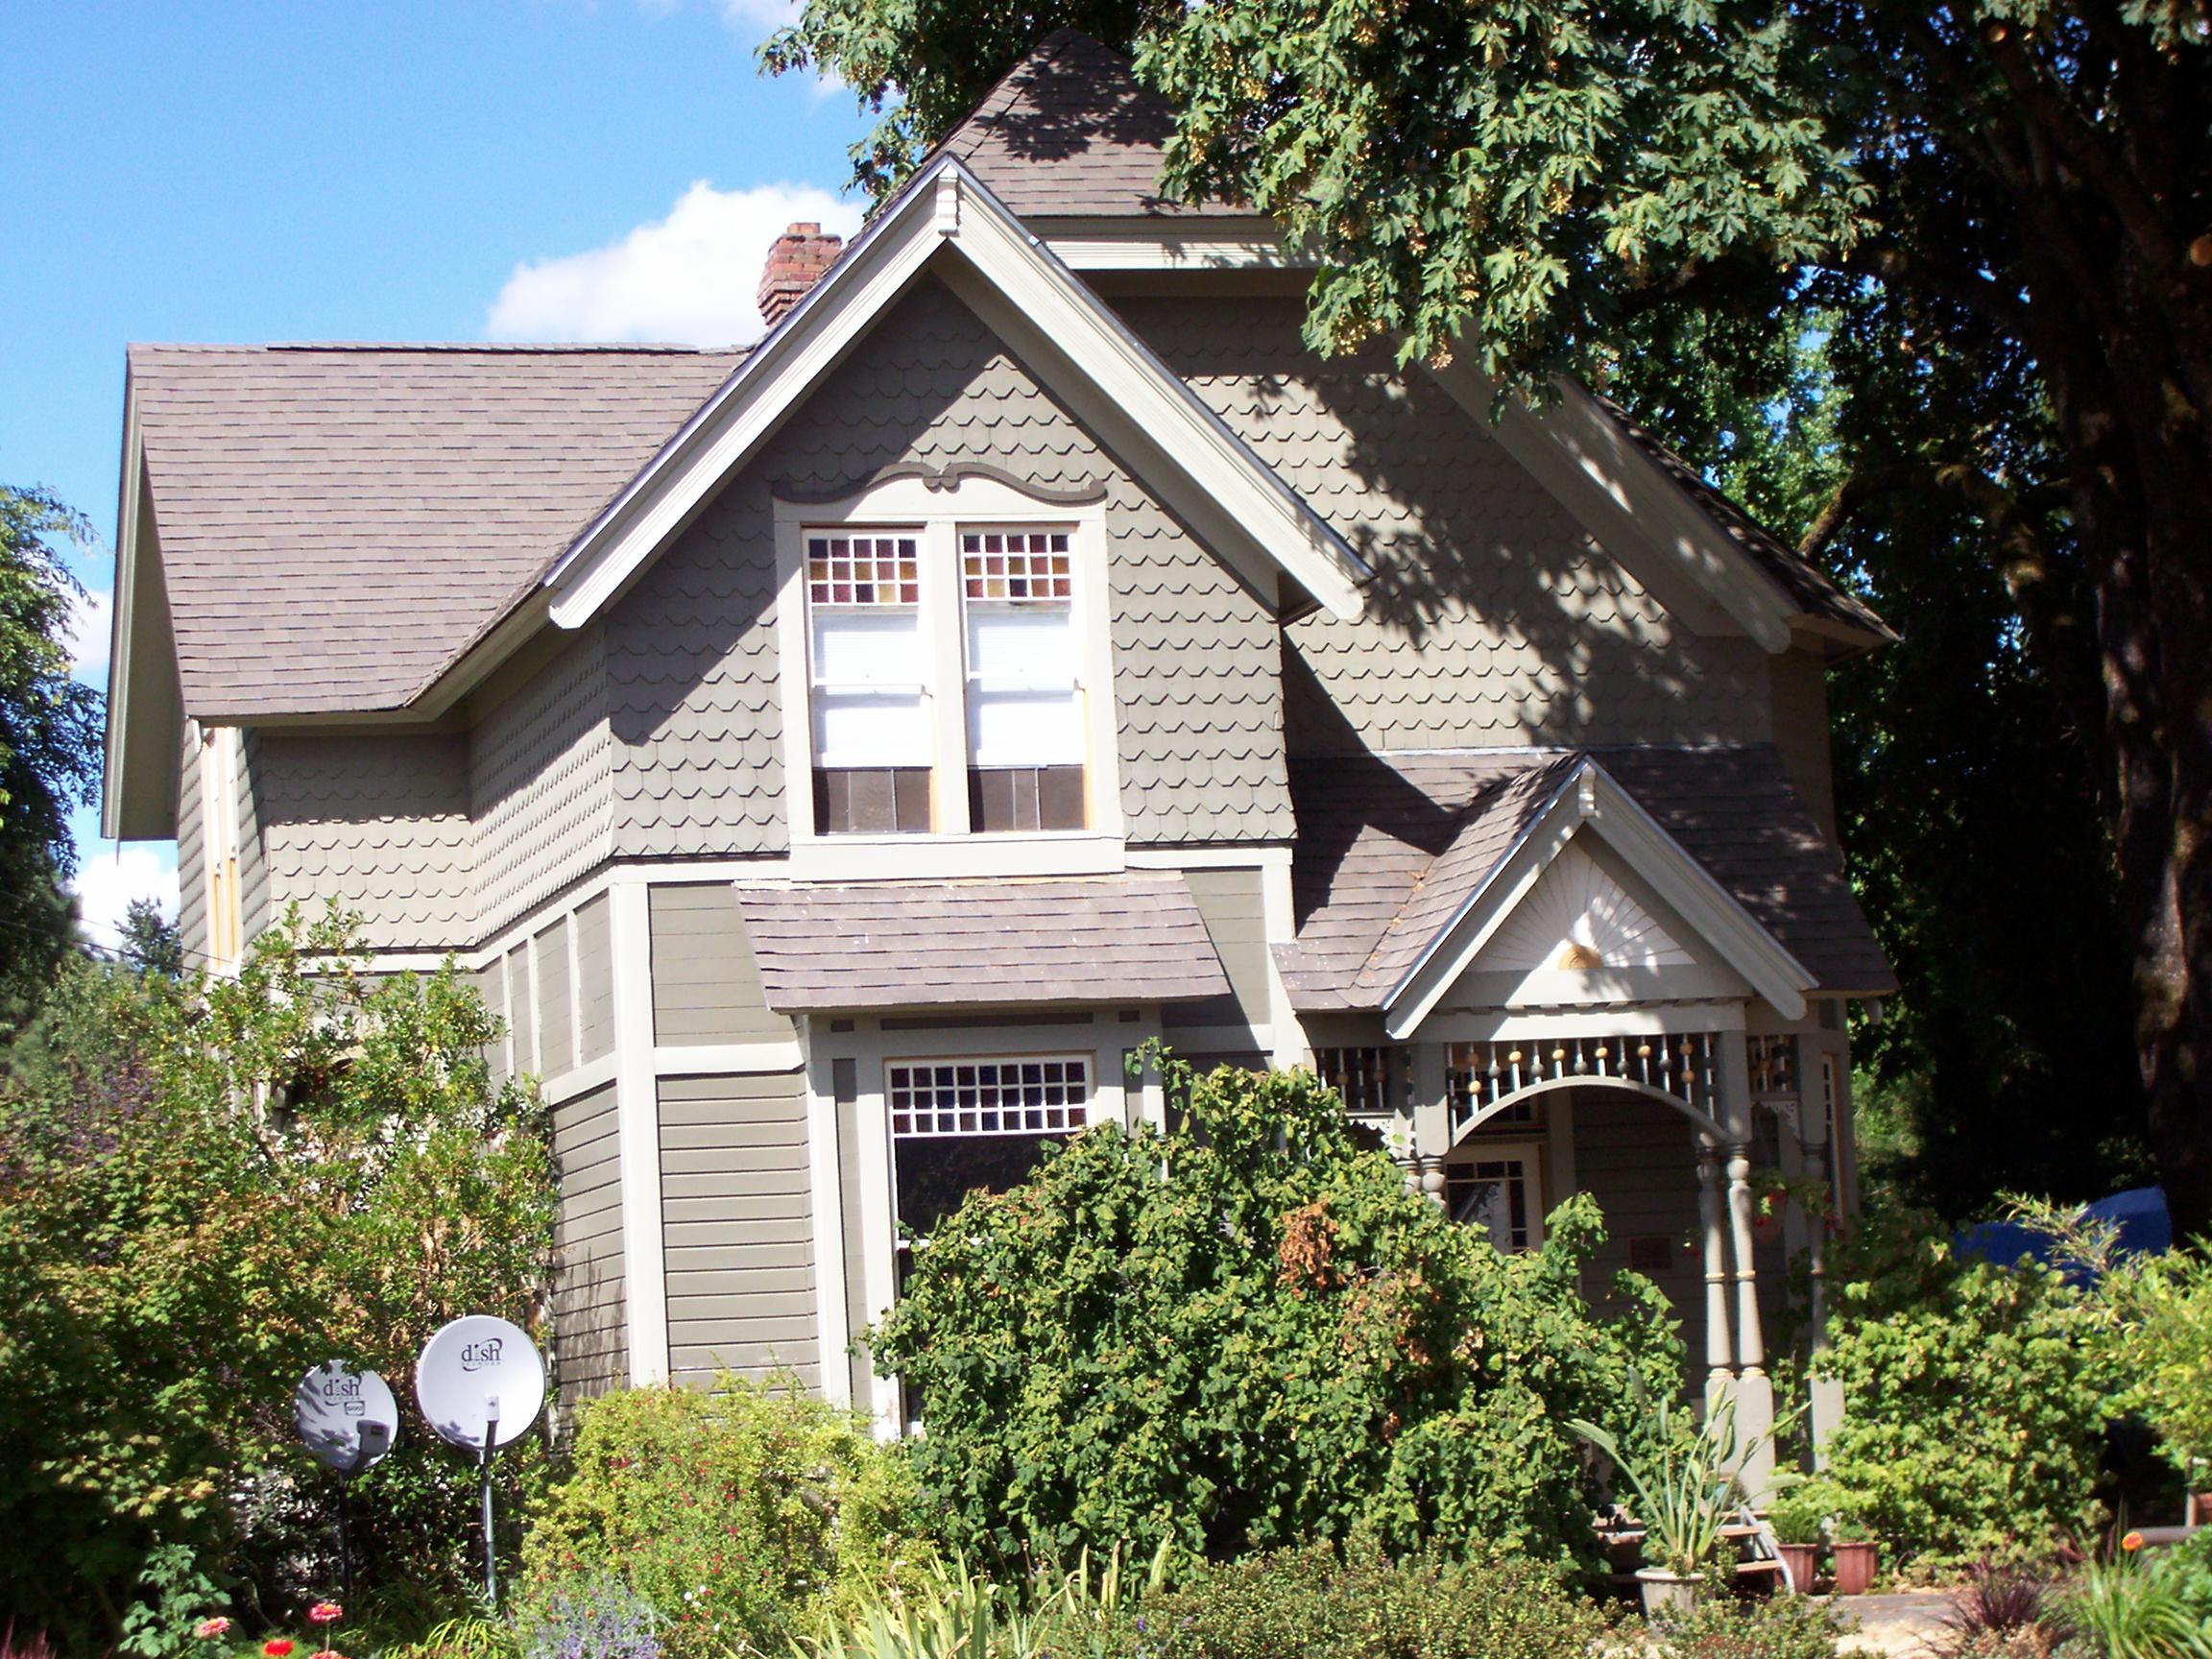 Baker model house